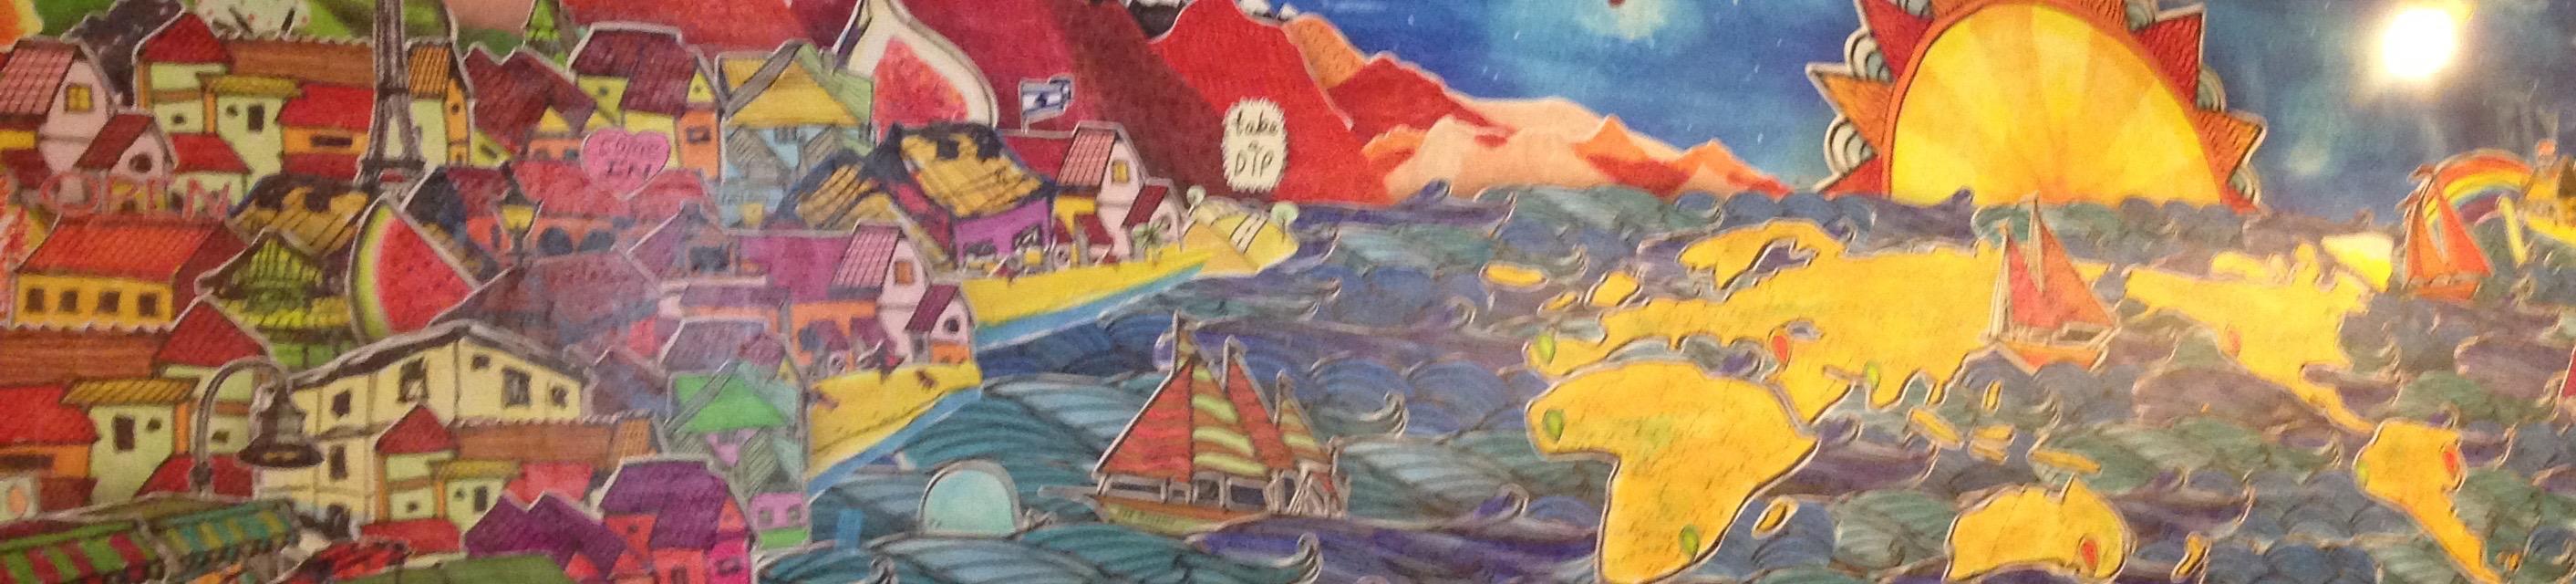 Dip In mural